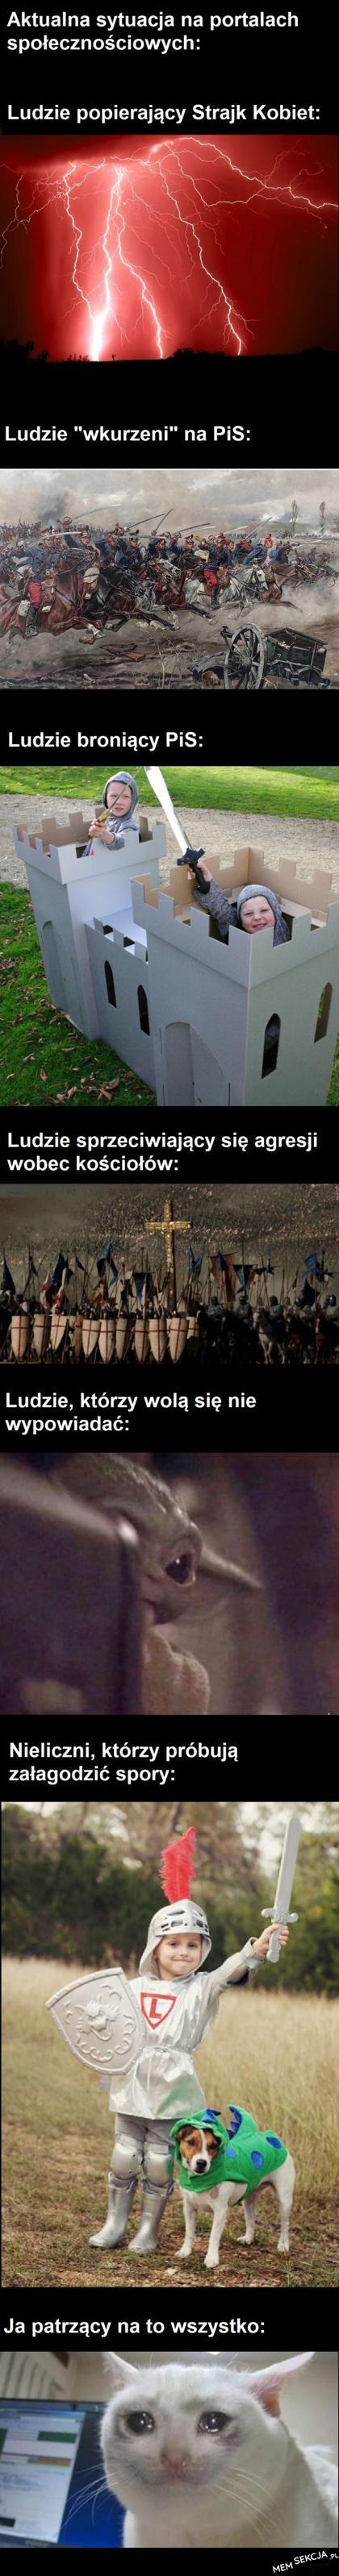 Serio, polski internet i ulica są teraz jakaś tragedią